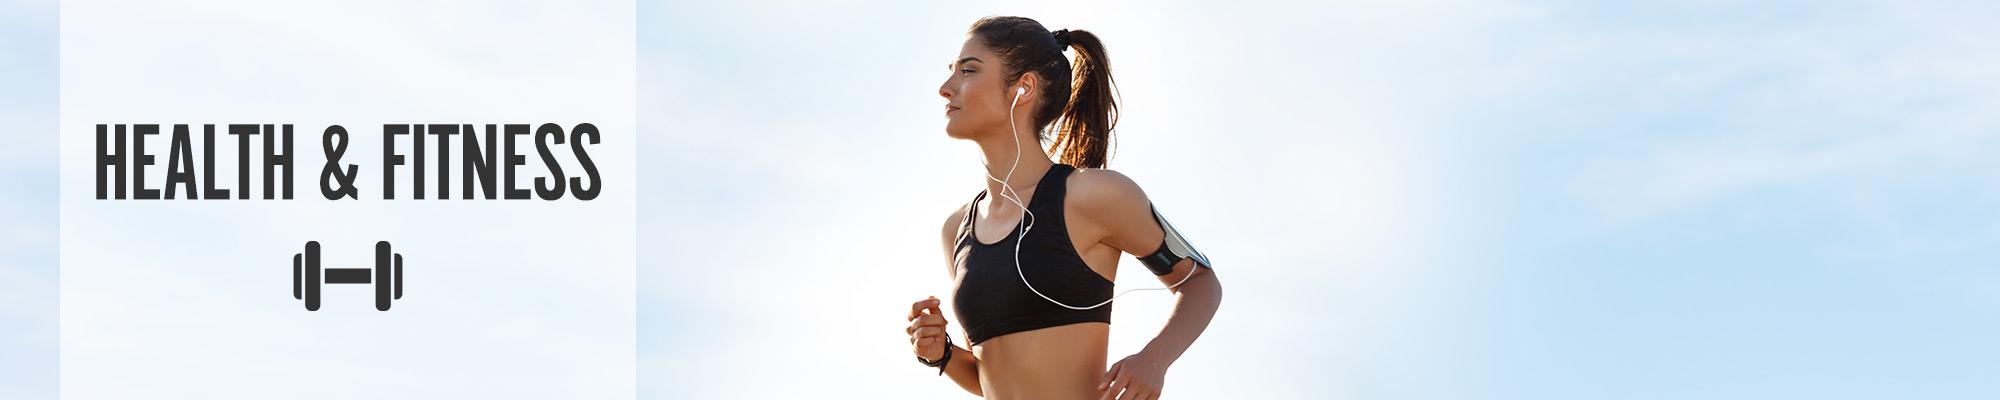 Image showing women jogging